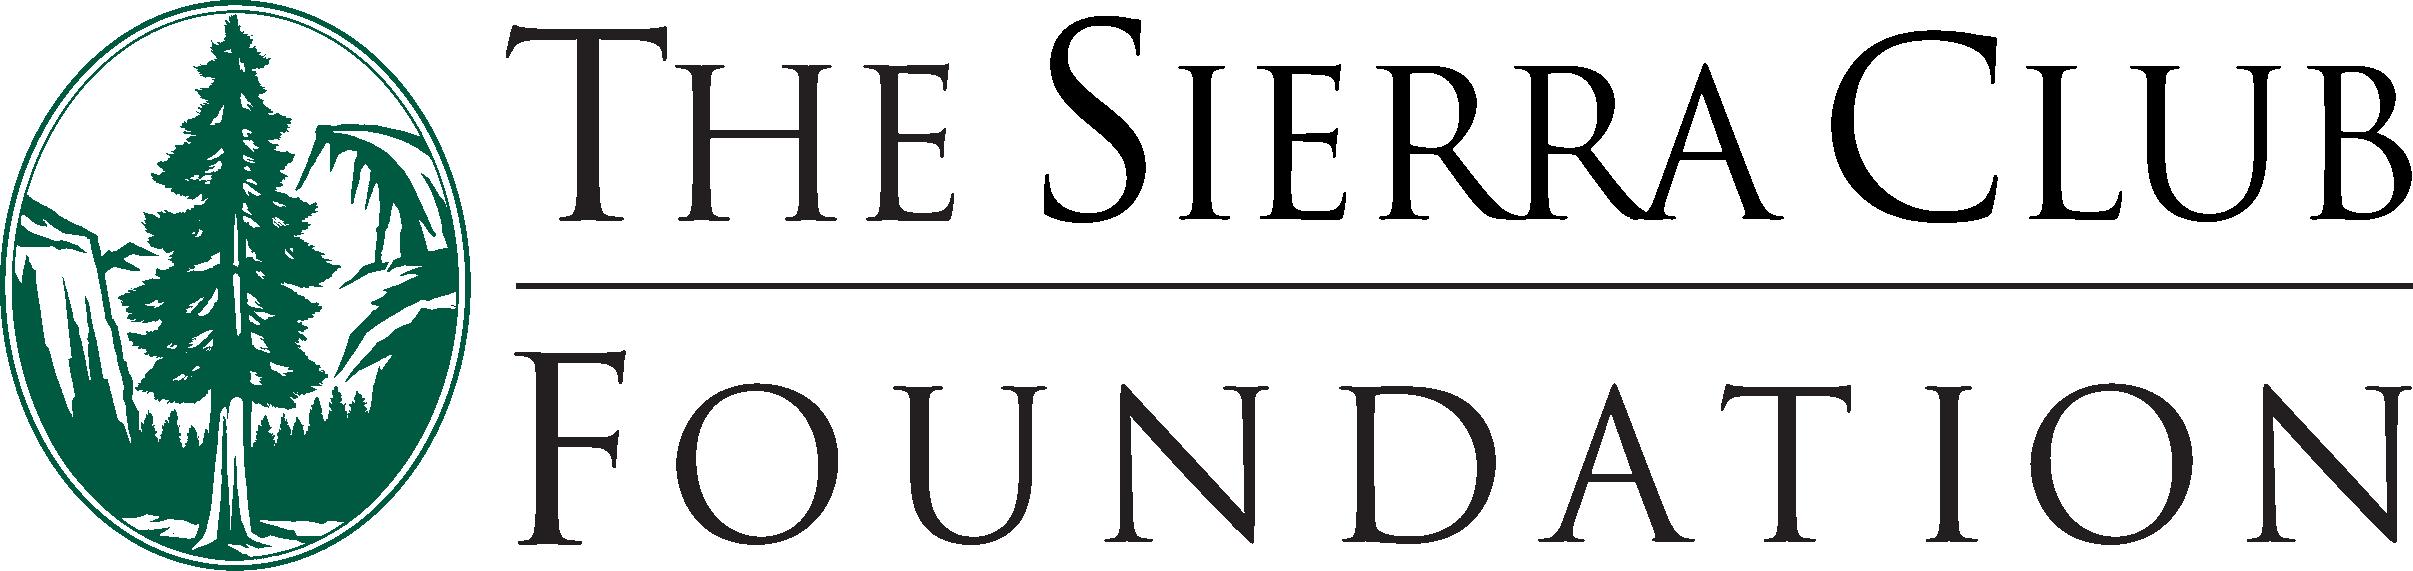 Sierra_Club_Foundation